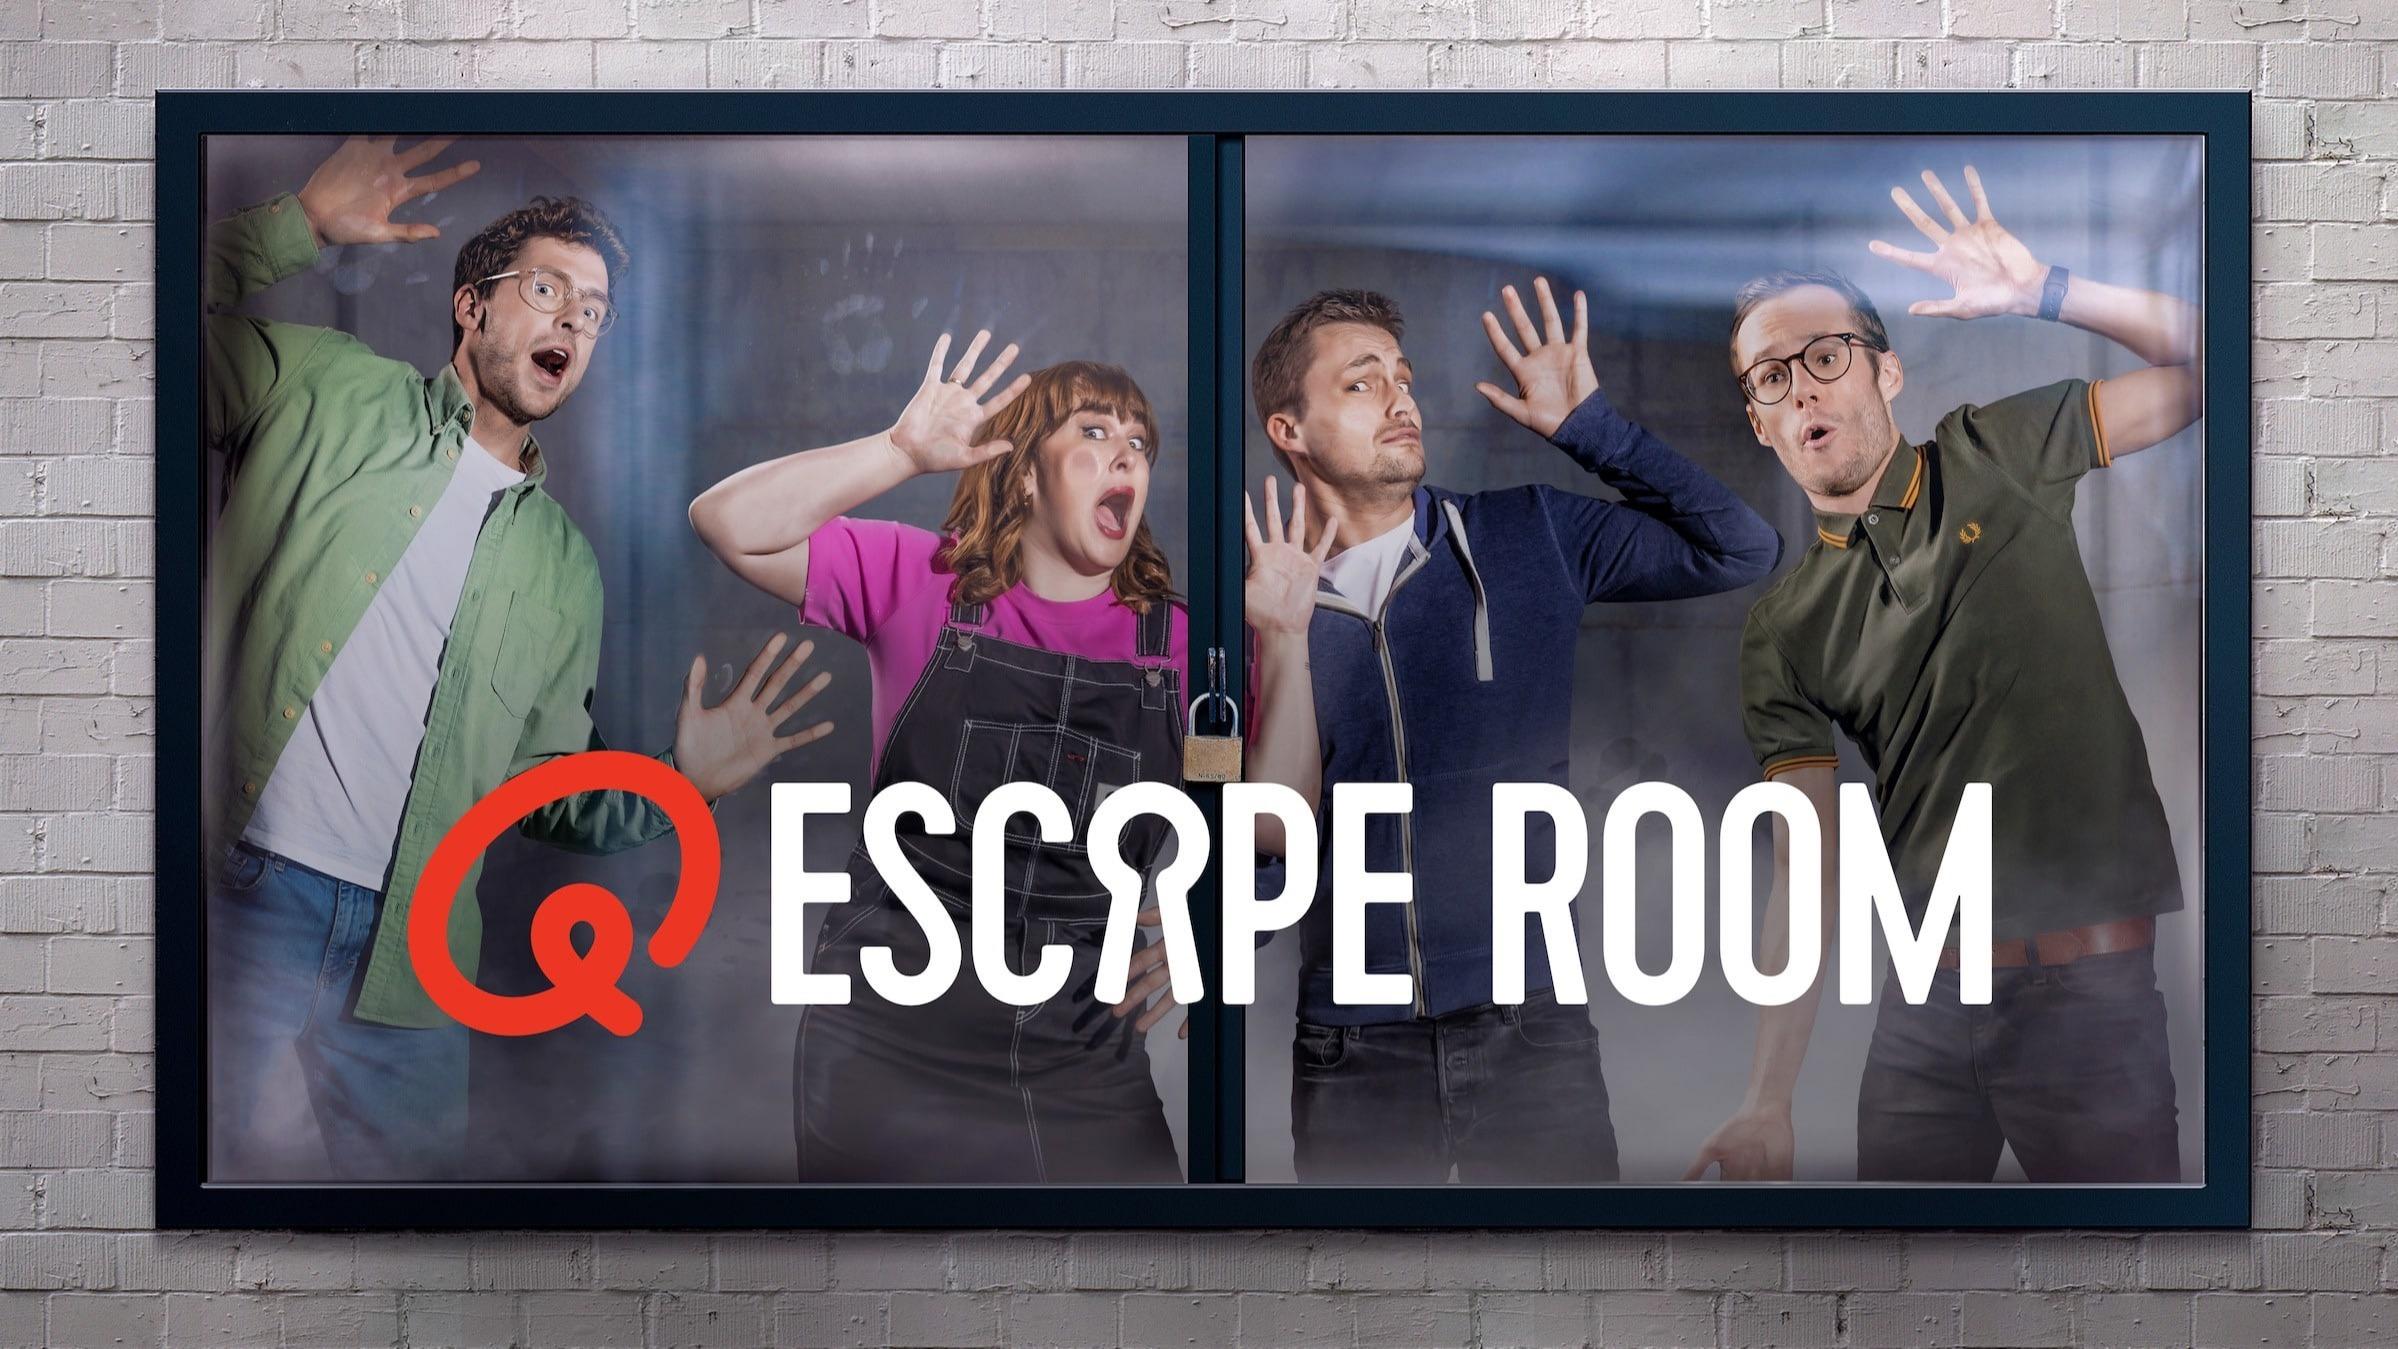 Q escaperoom copy1